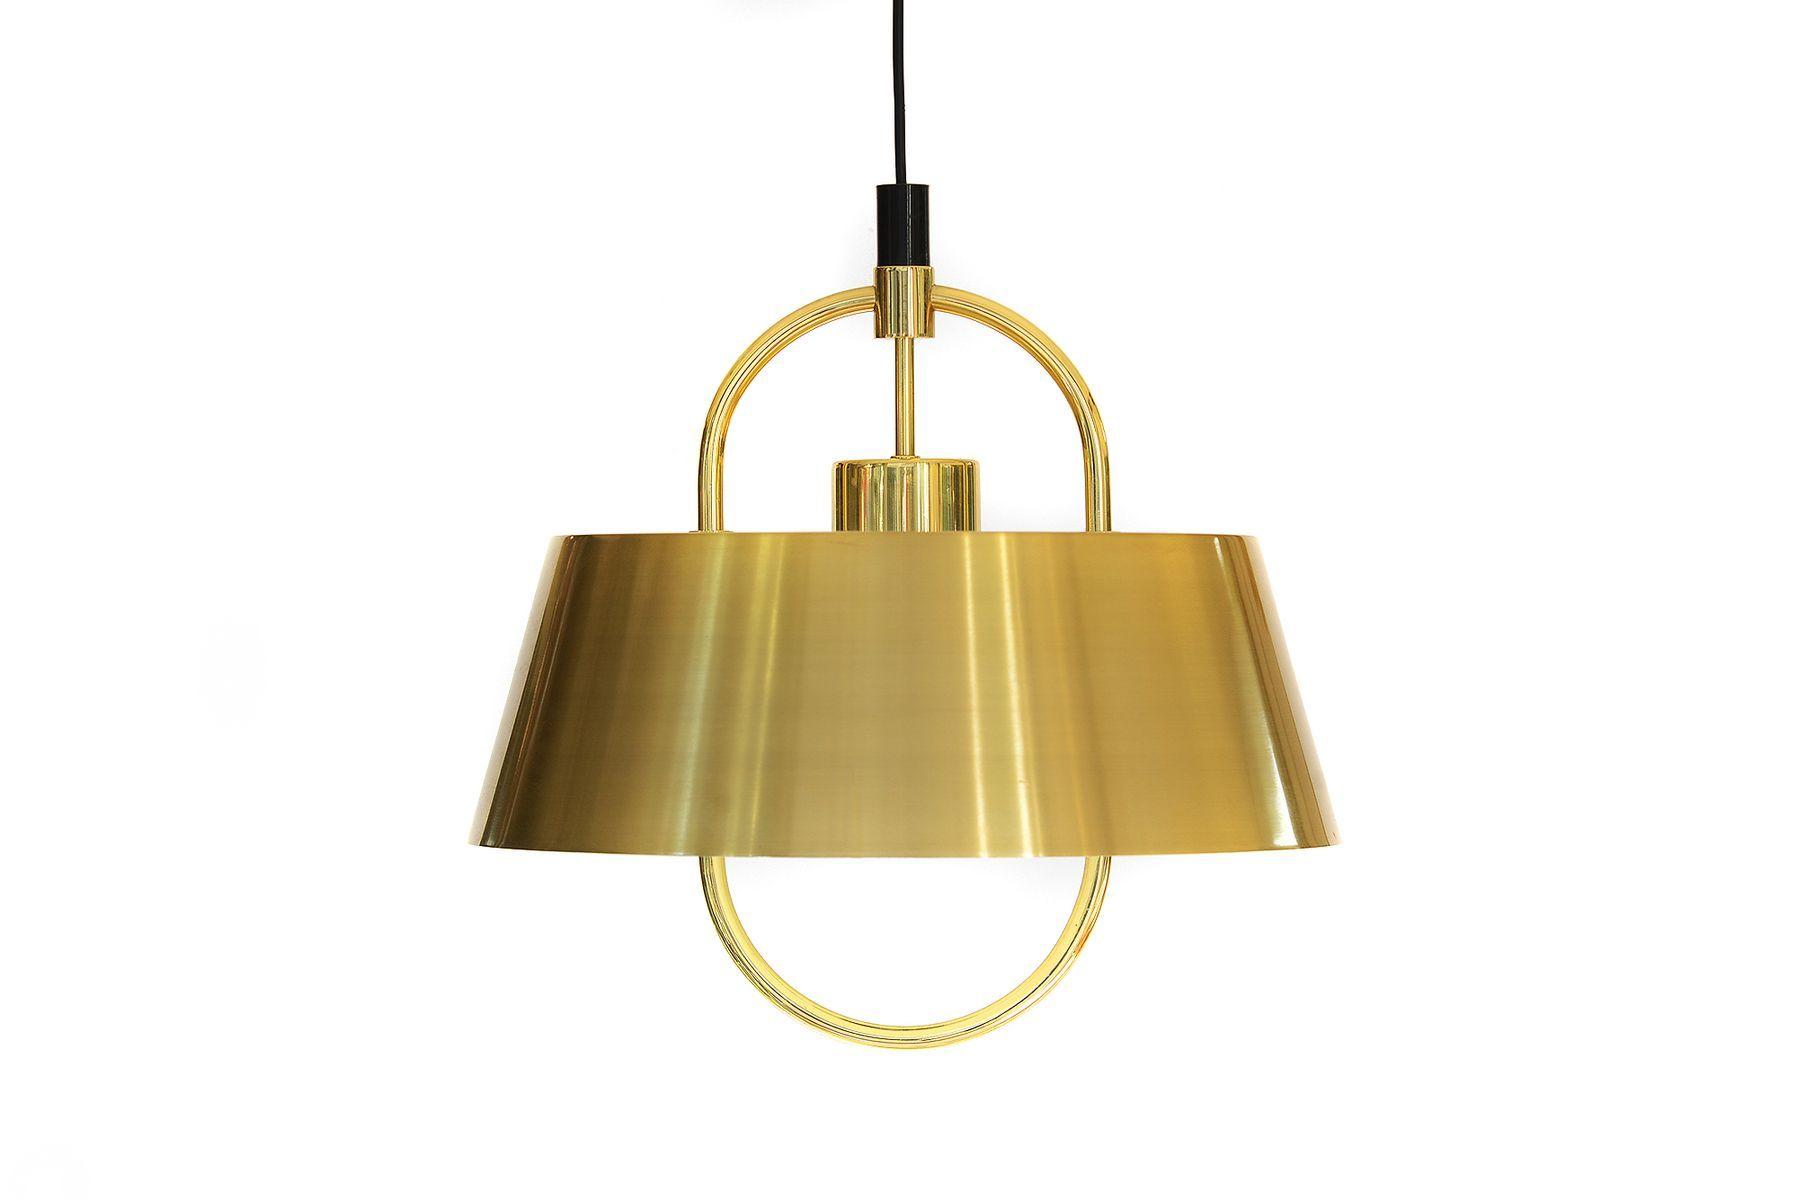 Badezimmer Spiegelschrank Leuchten Deckenlampe Weiss Strahler